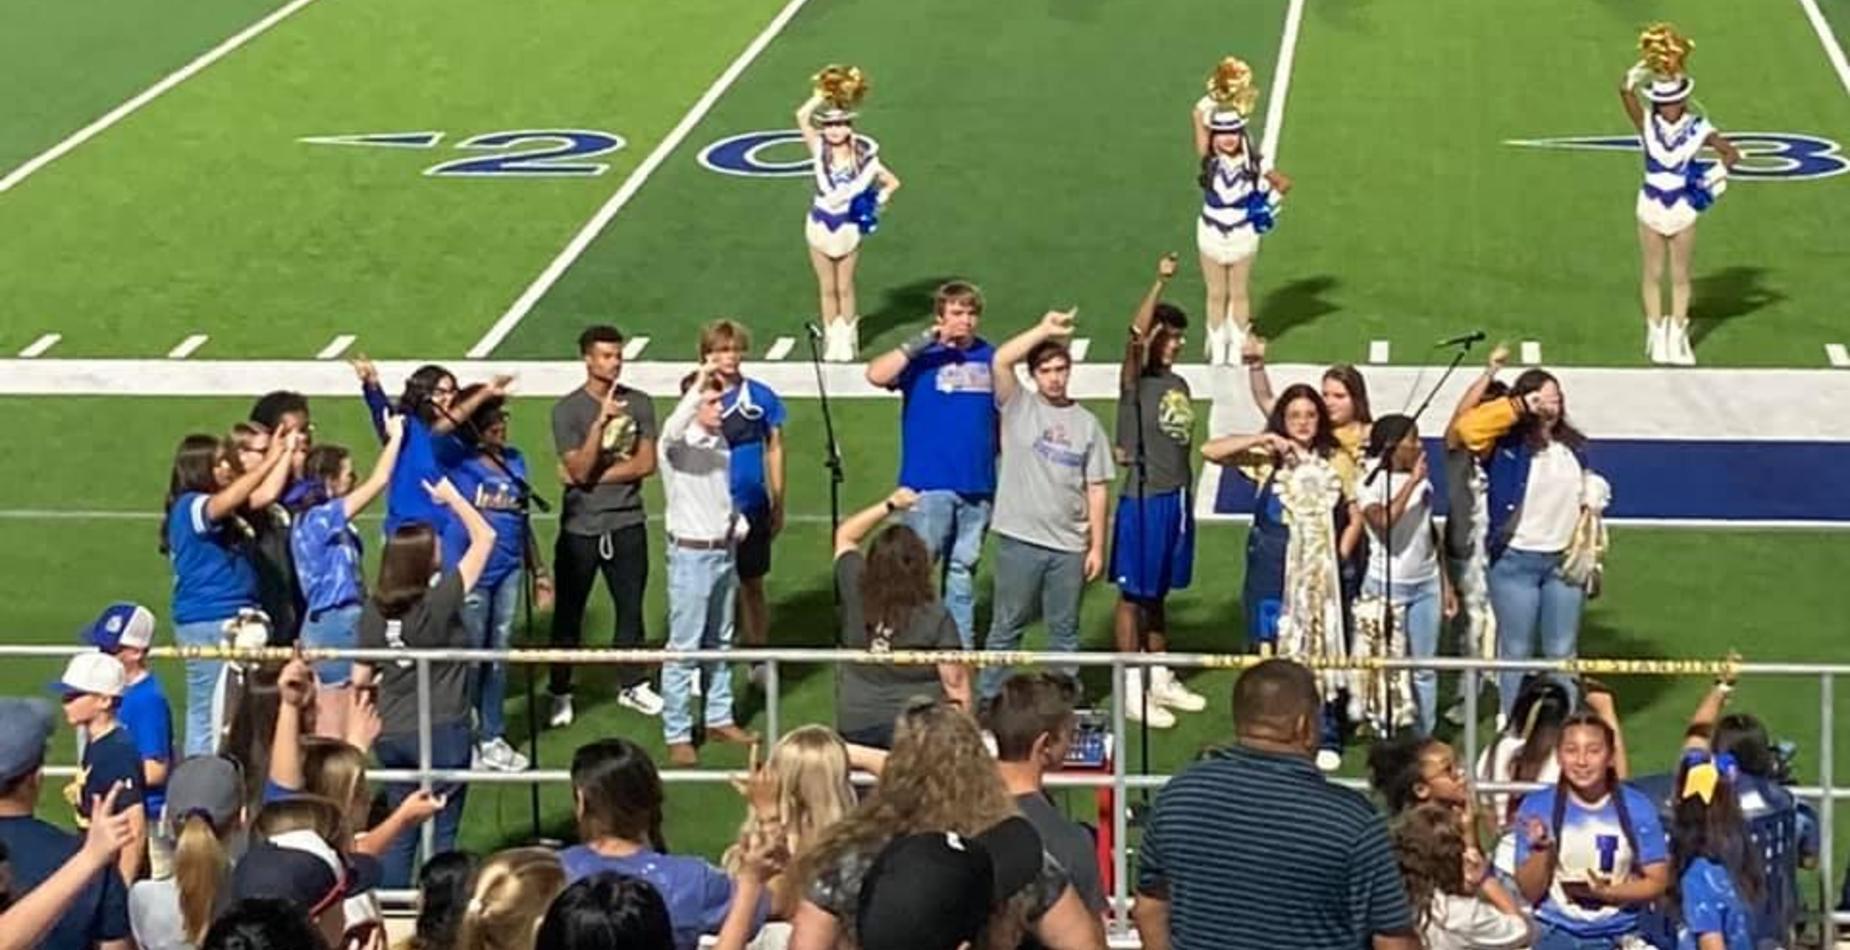 choir on field